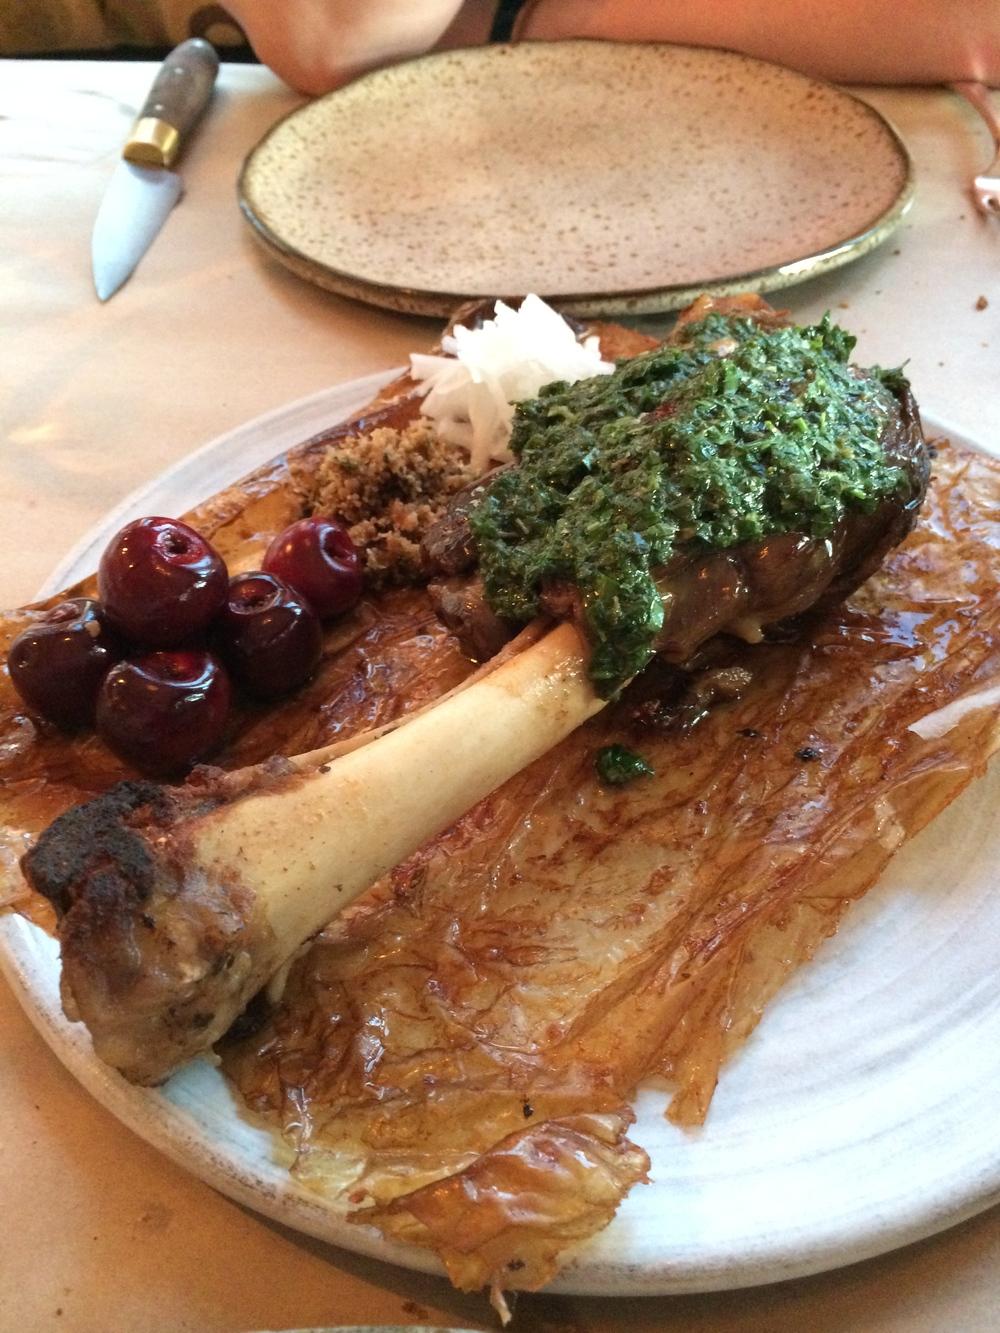 Slow roasted leg of lamb.